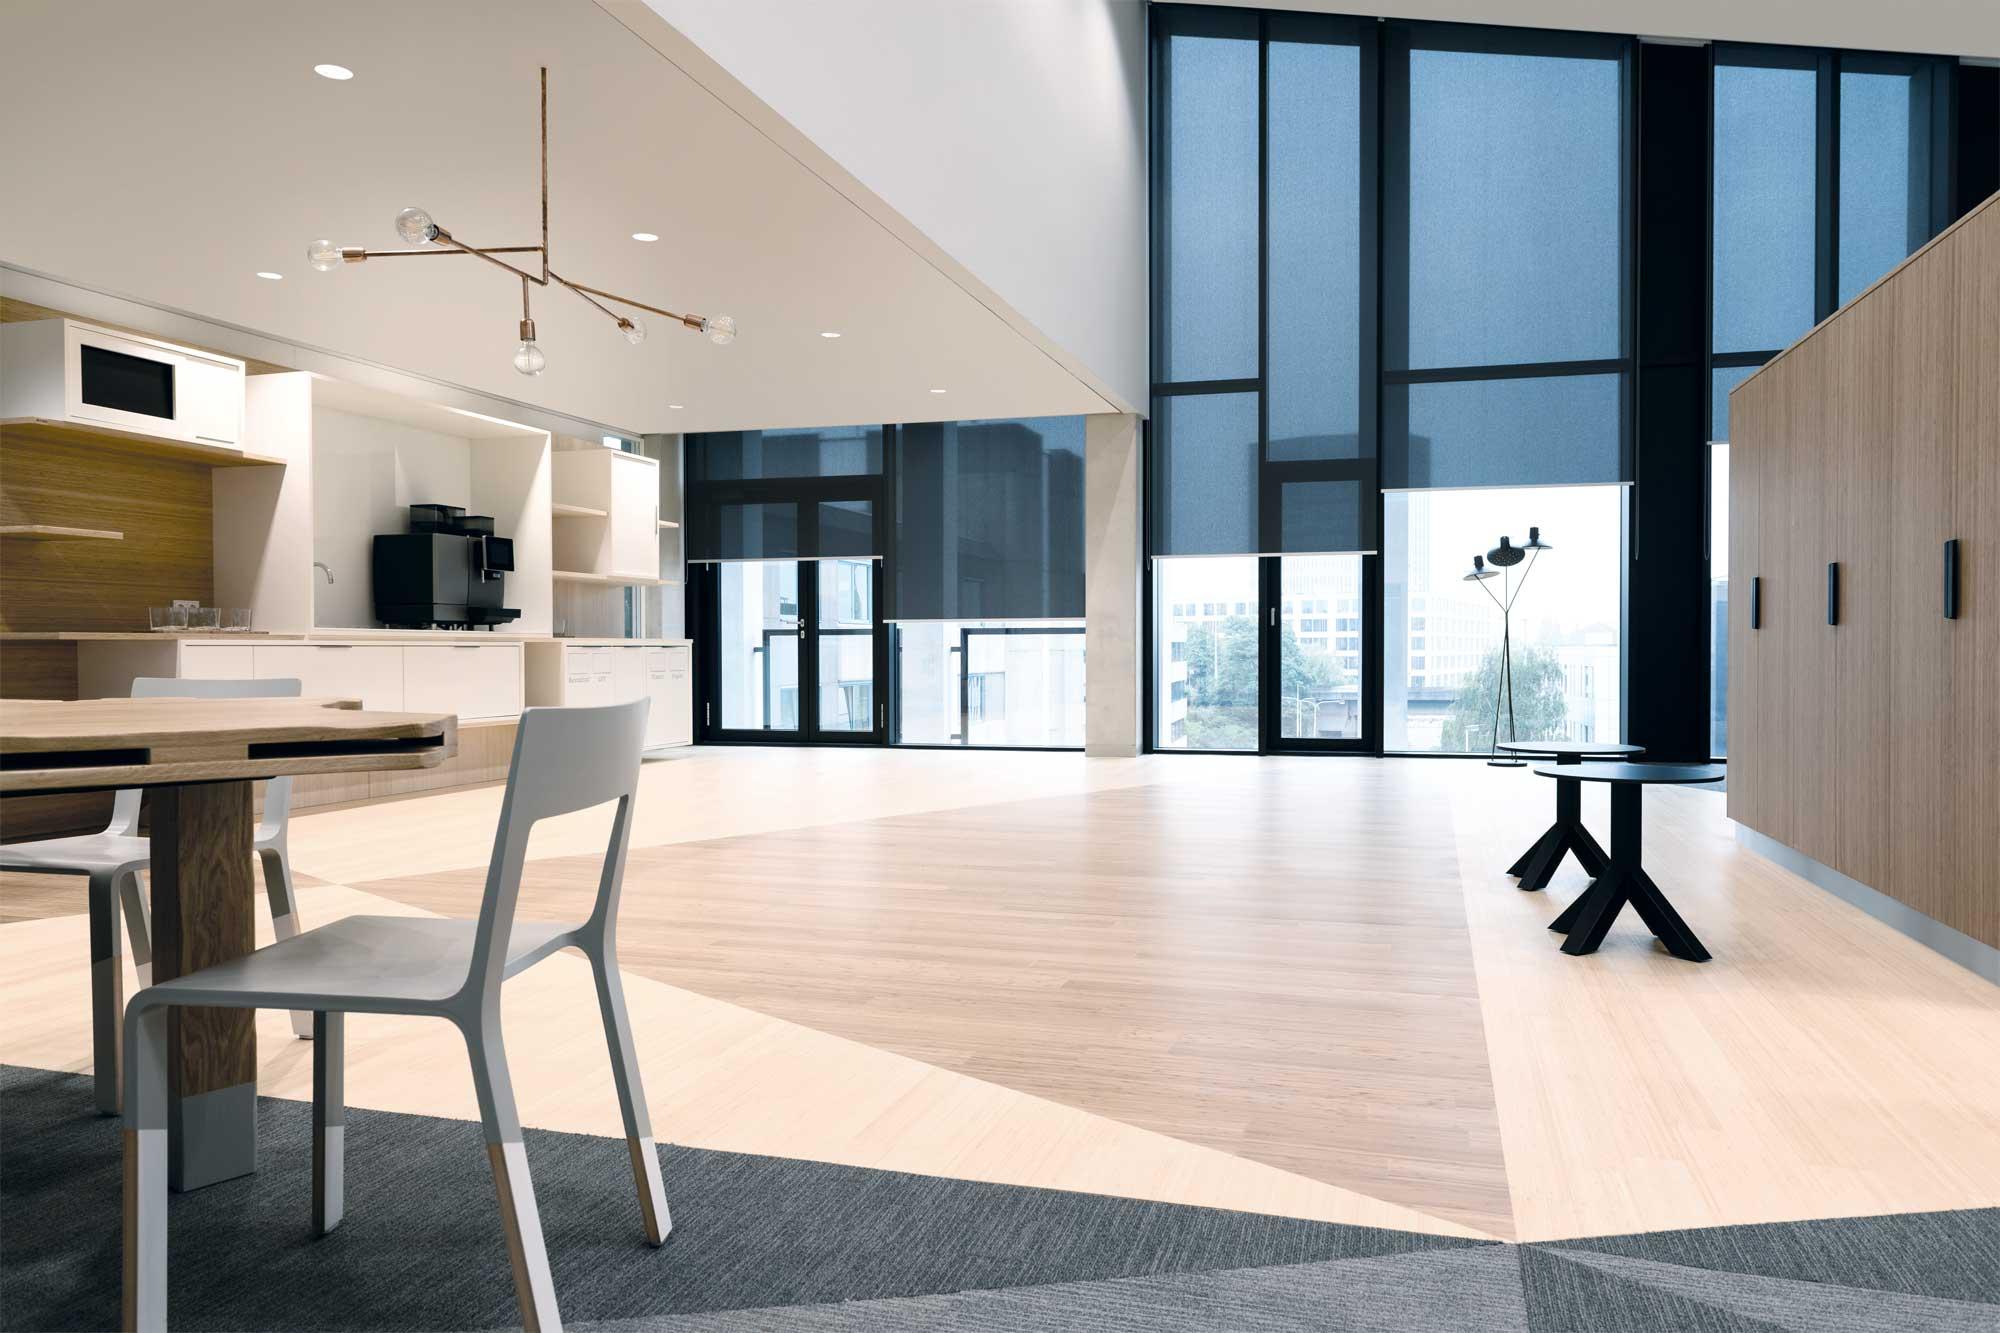 Coulisse_Contract_Het-Gelders-huis_Arnhe